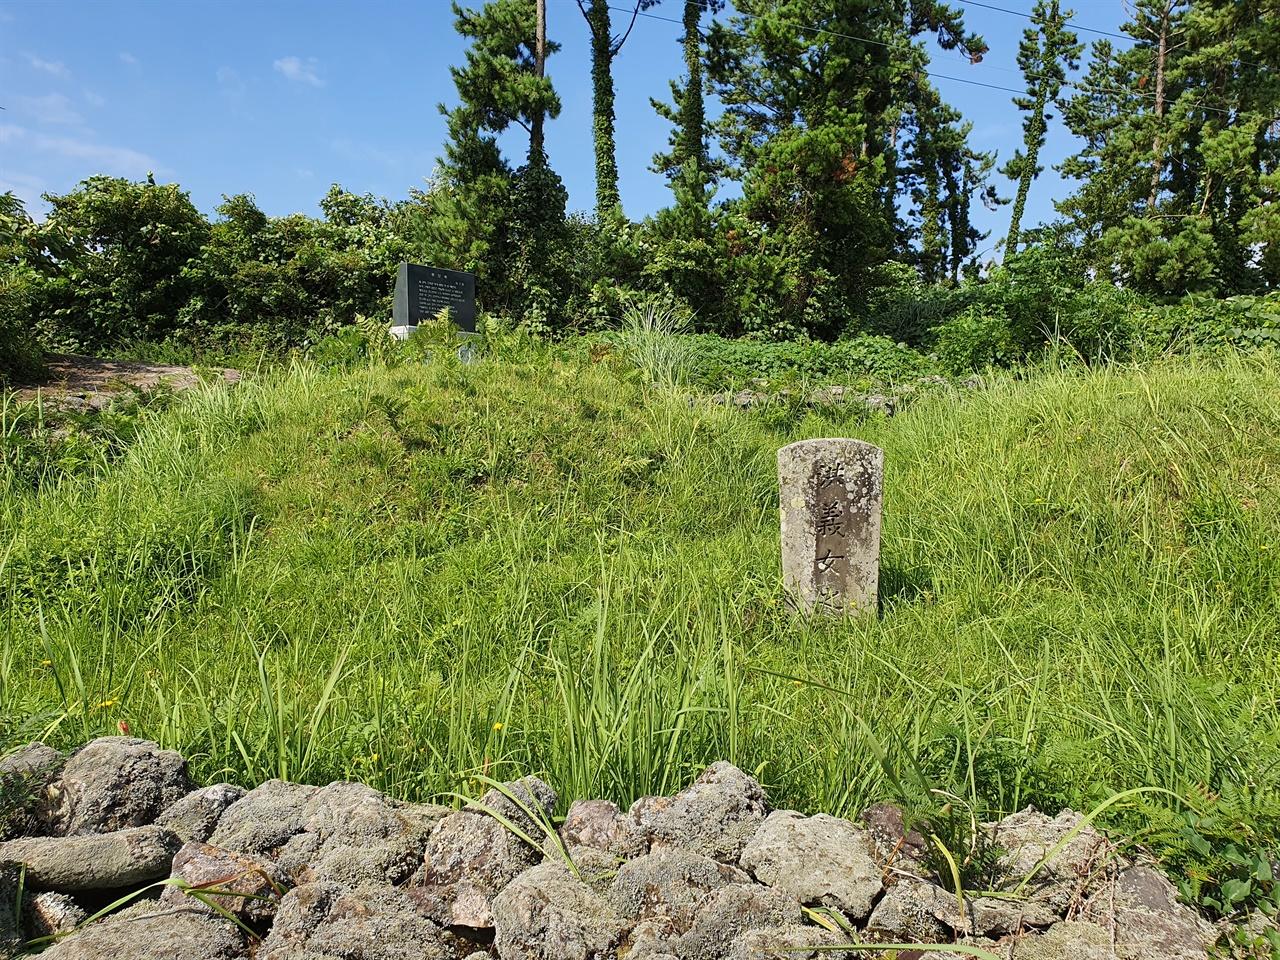 홍윤애의 무덤 '洪義女之墓'(홍의녀지묘)라고 새긴 낡은 비석이 세워져 있고, 무덤가에는 잡초가 무성하다.